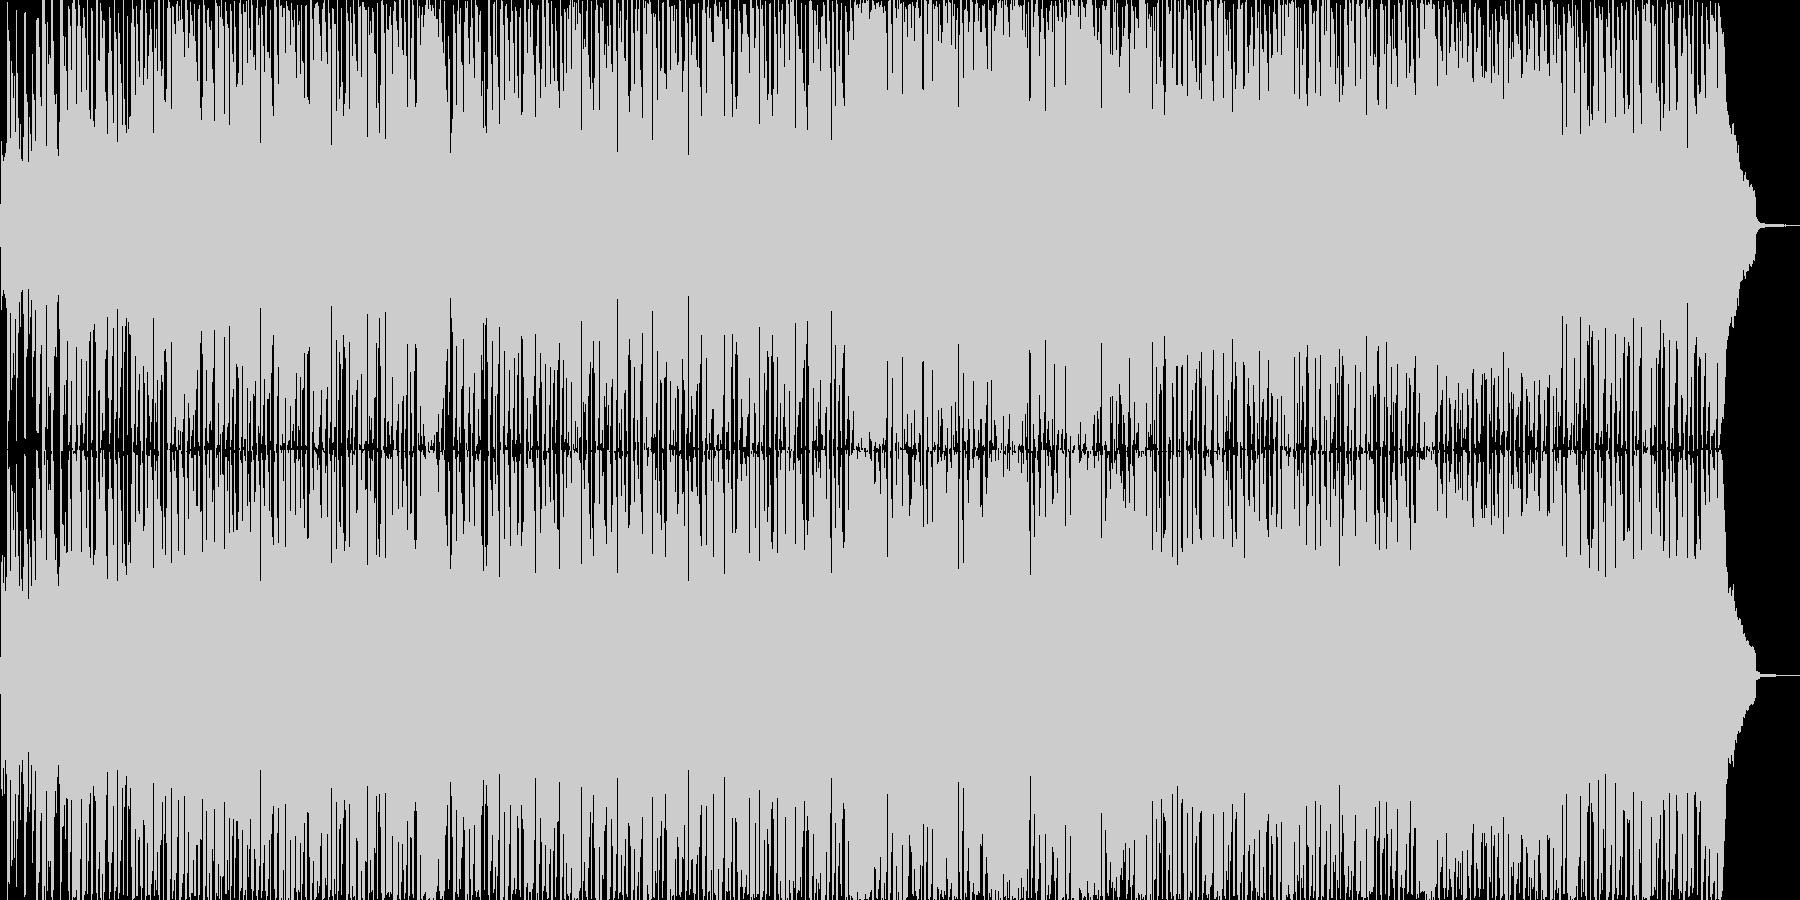 コミカルに軽快なスキップの明るい曲の未再生の波形